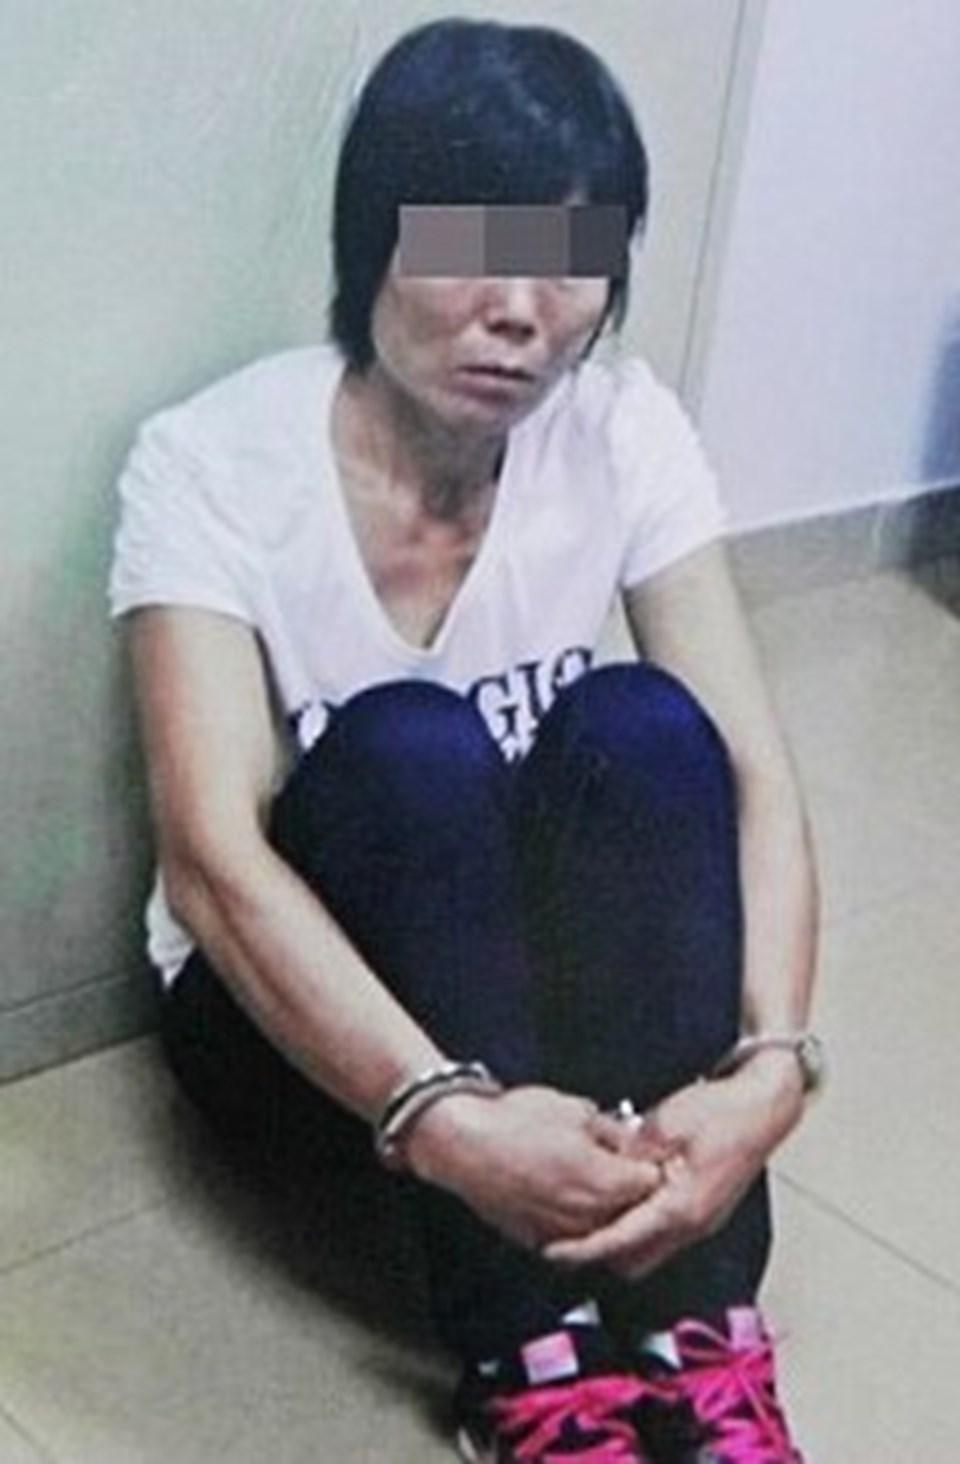 Shuangjian'ı kaçıranlardan biri olan Chen Biqun, gözaltına alındı.